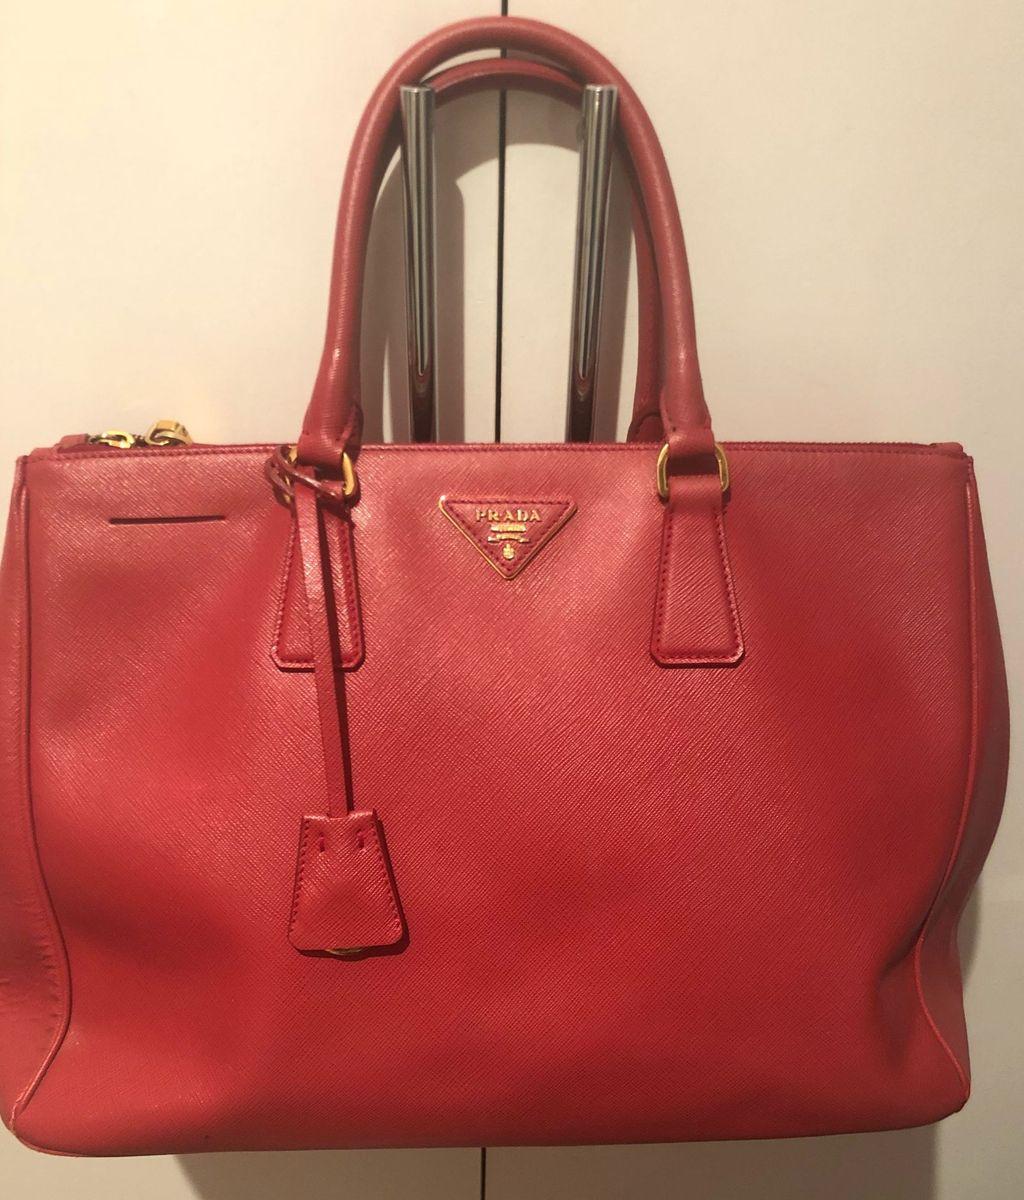 ba0122f82 Bolsa Prada Original Couro Vermelha Saffiano | Bolsa de mão Feminina ...